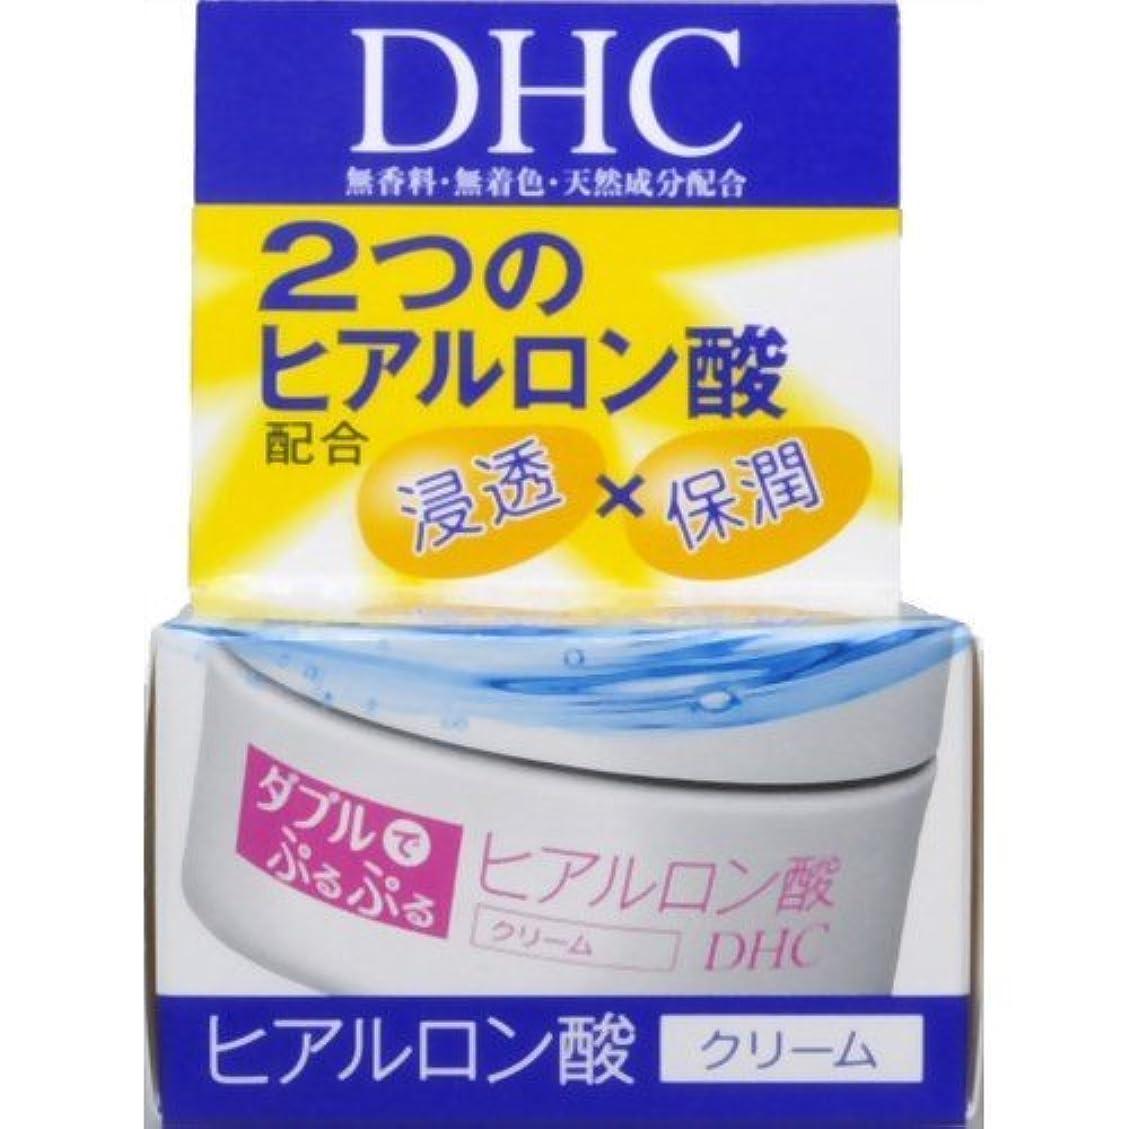 ロマンス咲くライオネルグリーンストリートDHC ダブルモイスチュアクリーム 50g